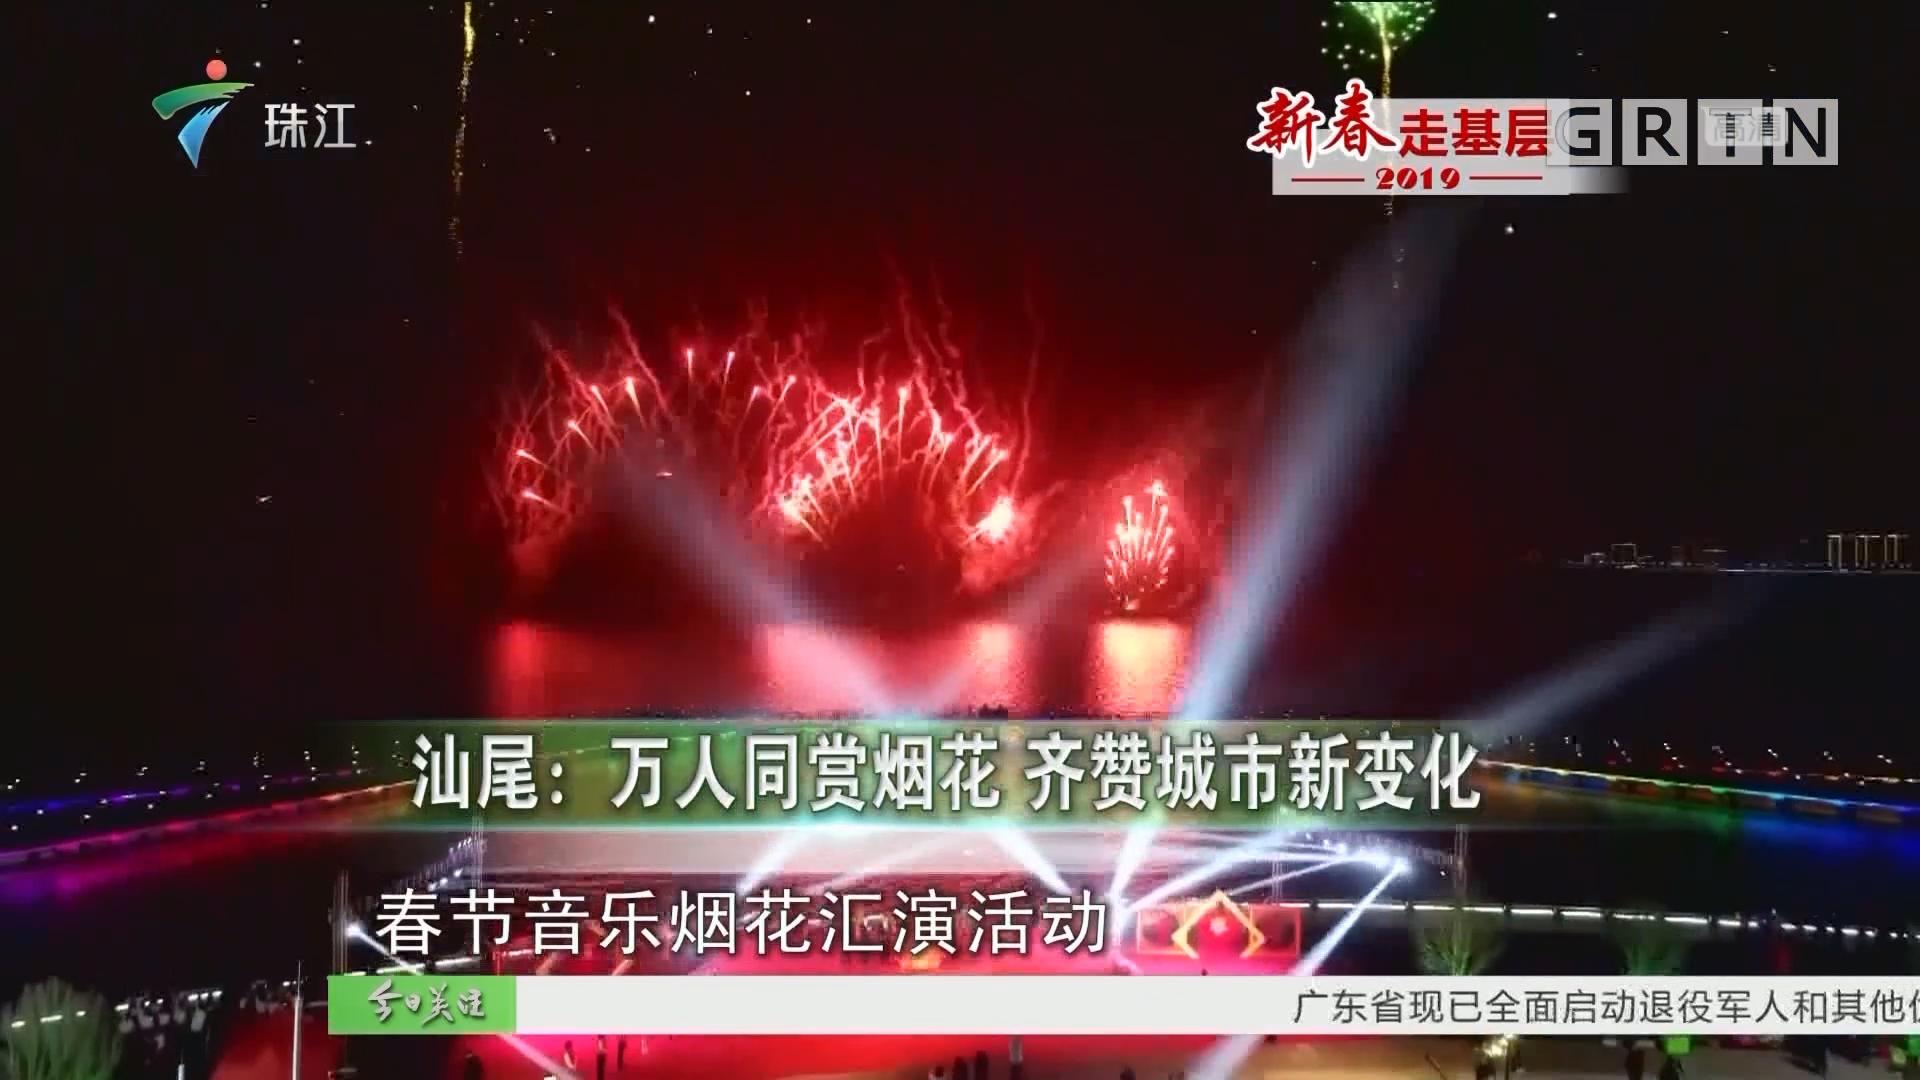 汕尾:万人同赏烟花 齐赞城市新变化